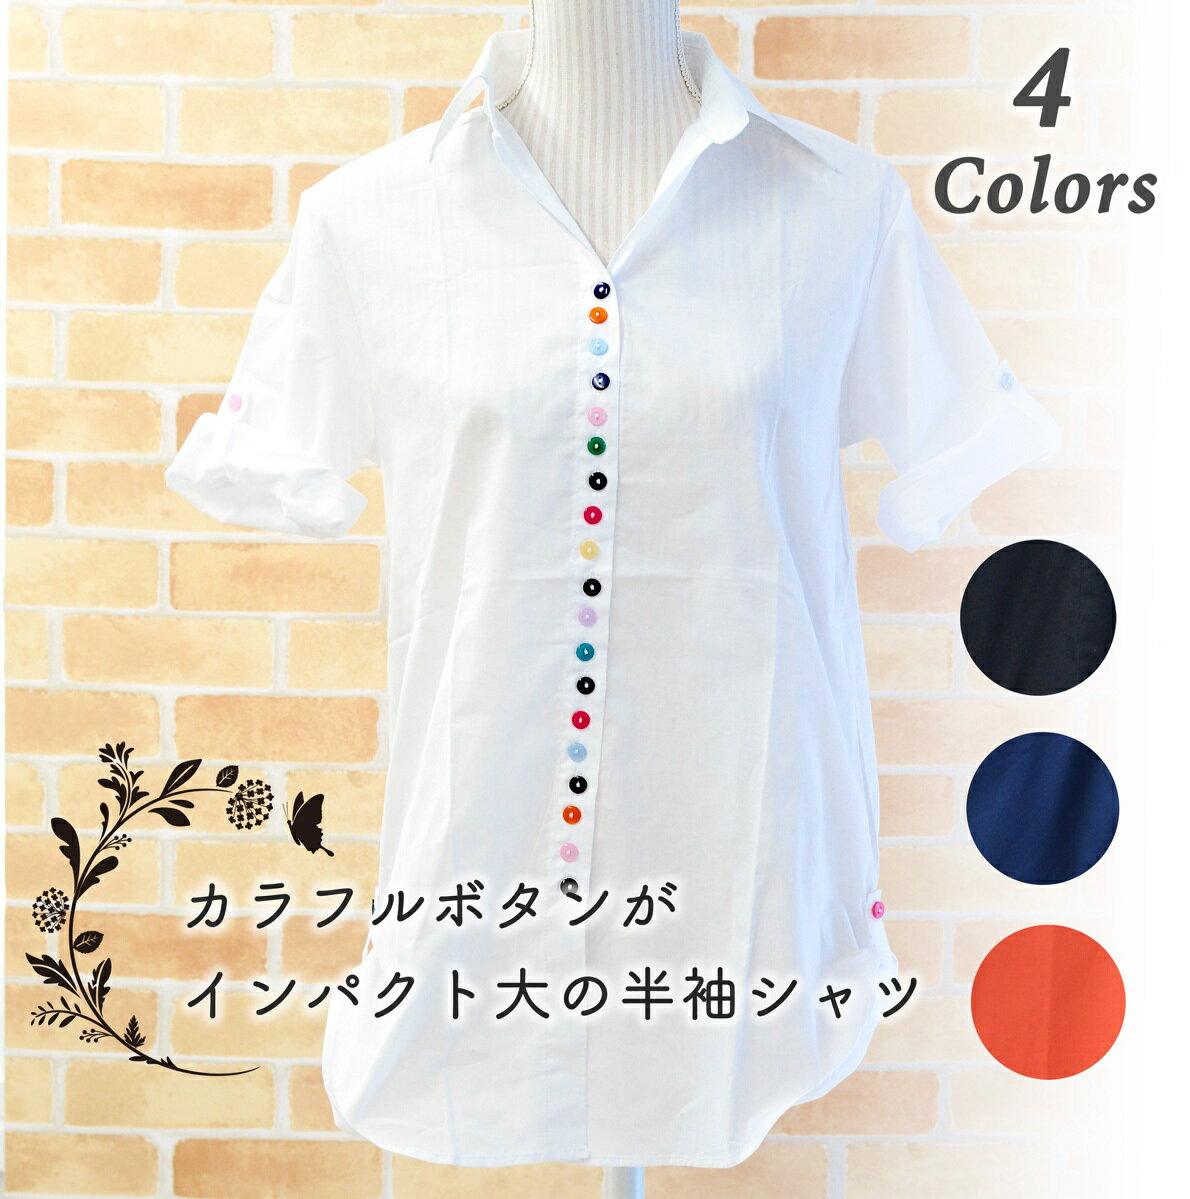 送料無料 カラフルボタンがインパクト大の半袖シャツ ブラウス 可愛い オシャレ 珍しい デザイン マルチカラー 目立つ シンプル 合わせやすい